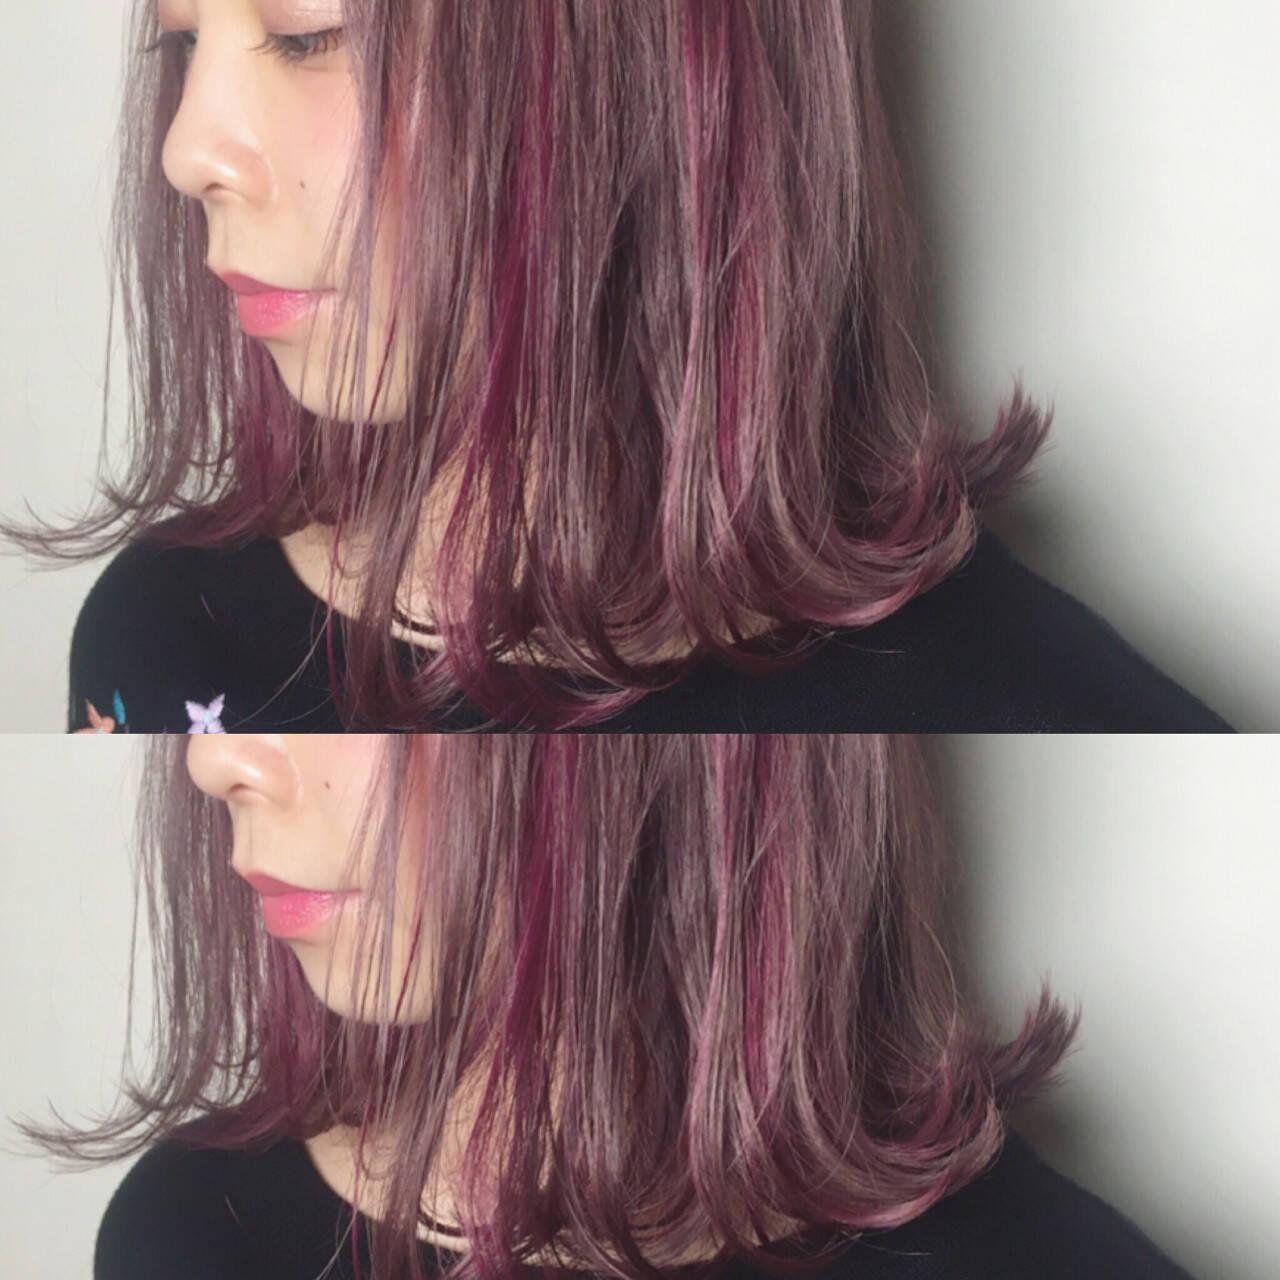 ミディアム 切りっぱなし ラベンダー ストリートヘアスタイルや髪型の写真・画像